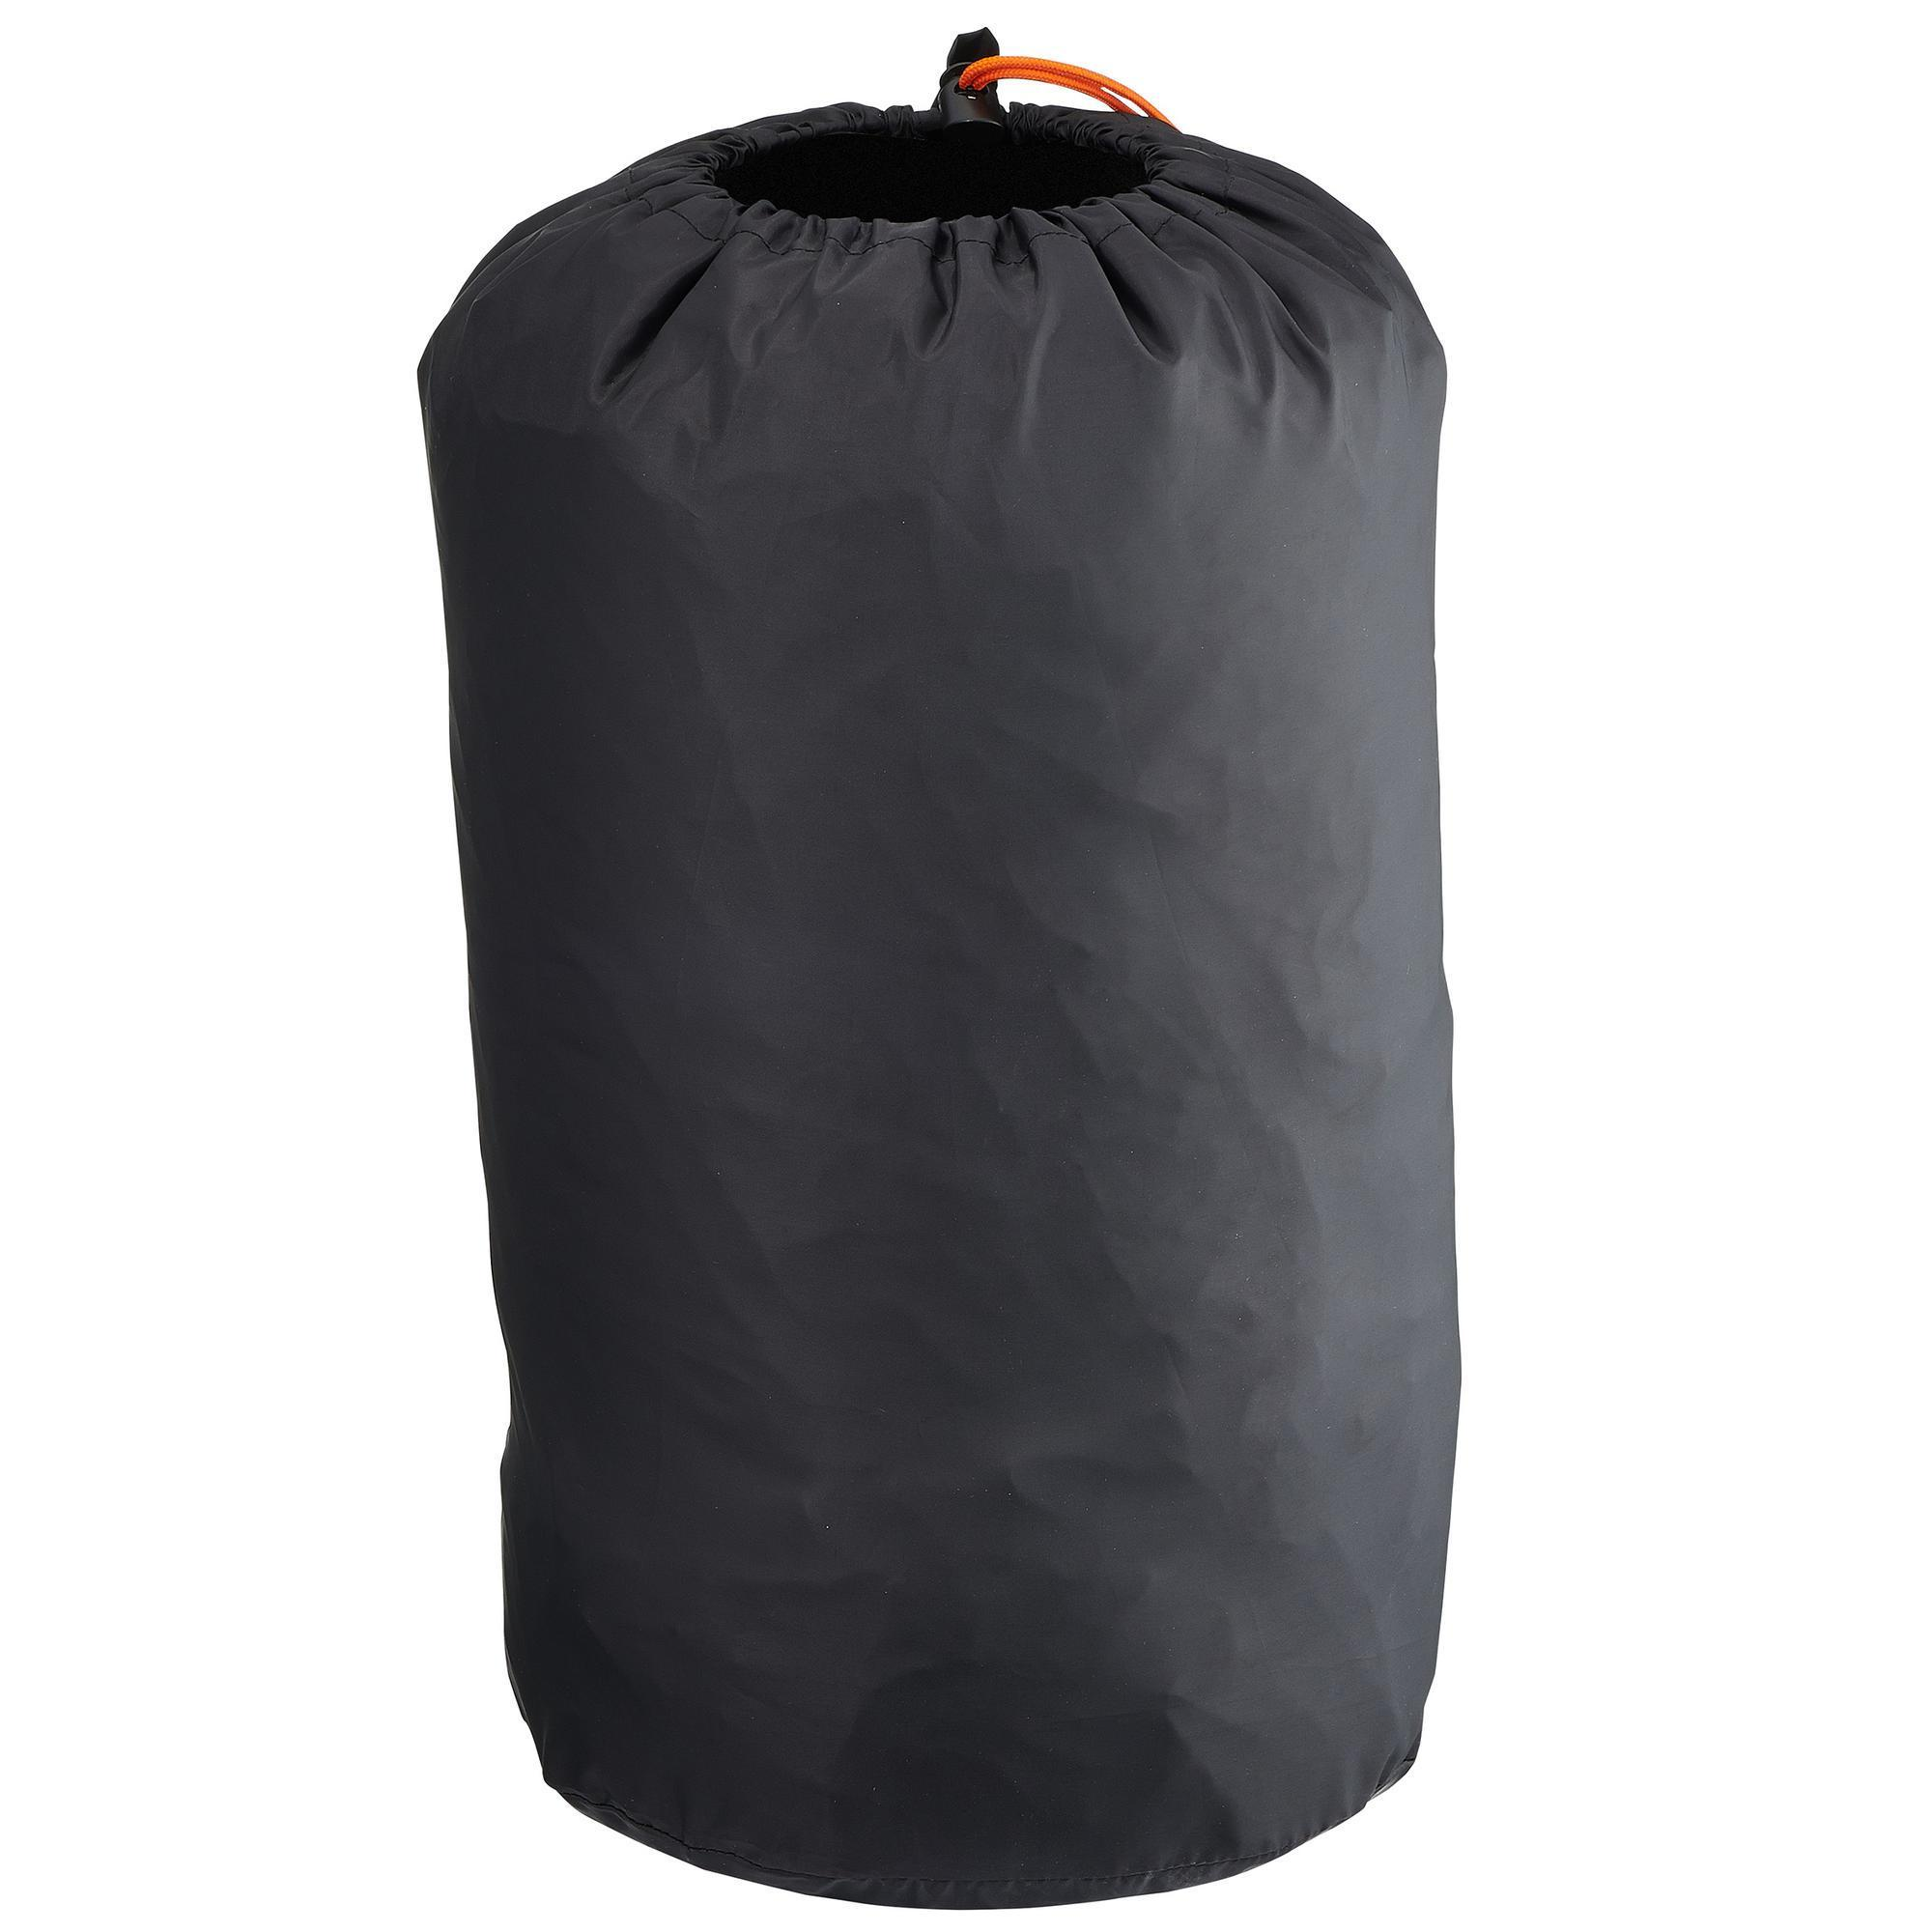 housse de transport de sac de couchage et de matelas de. Black Bedroom Furniture Sets. Home Design Ideas